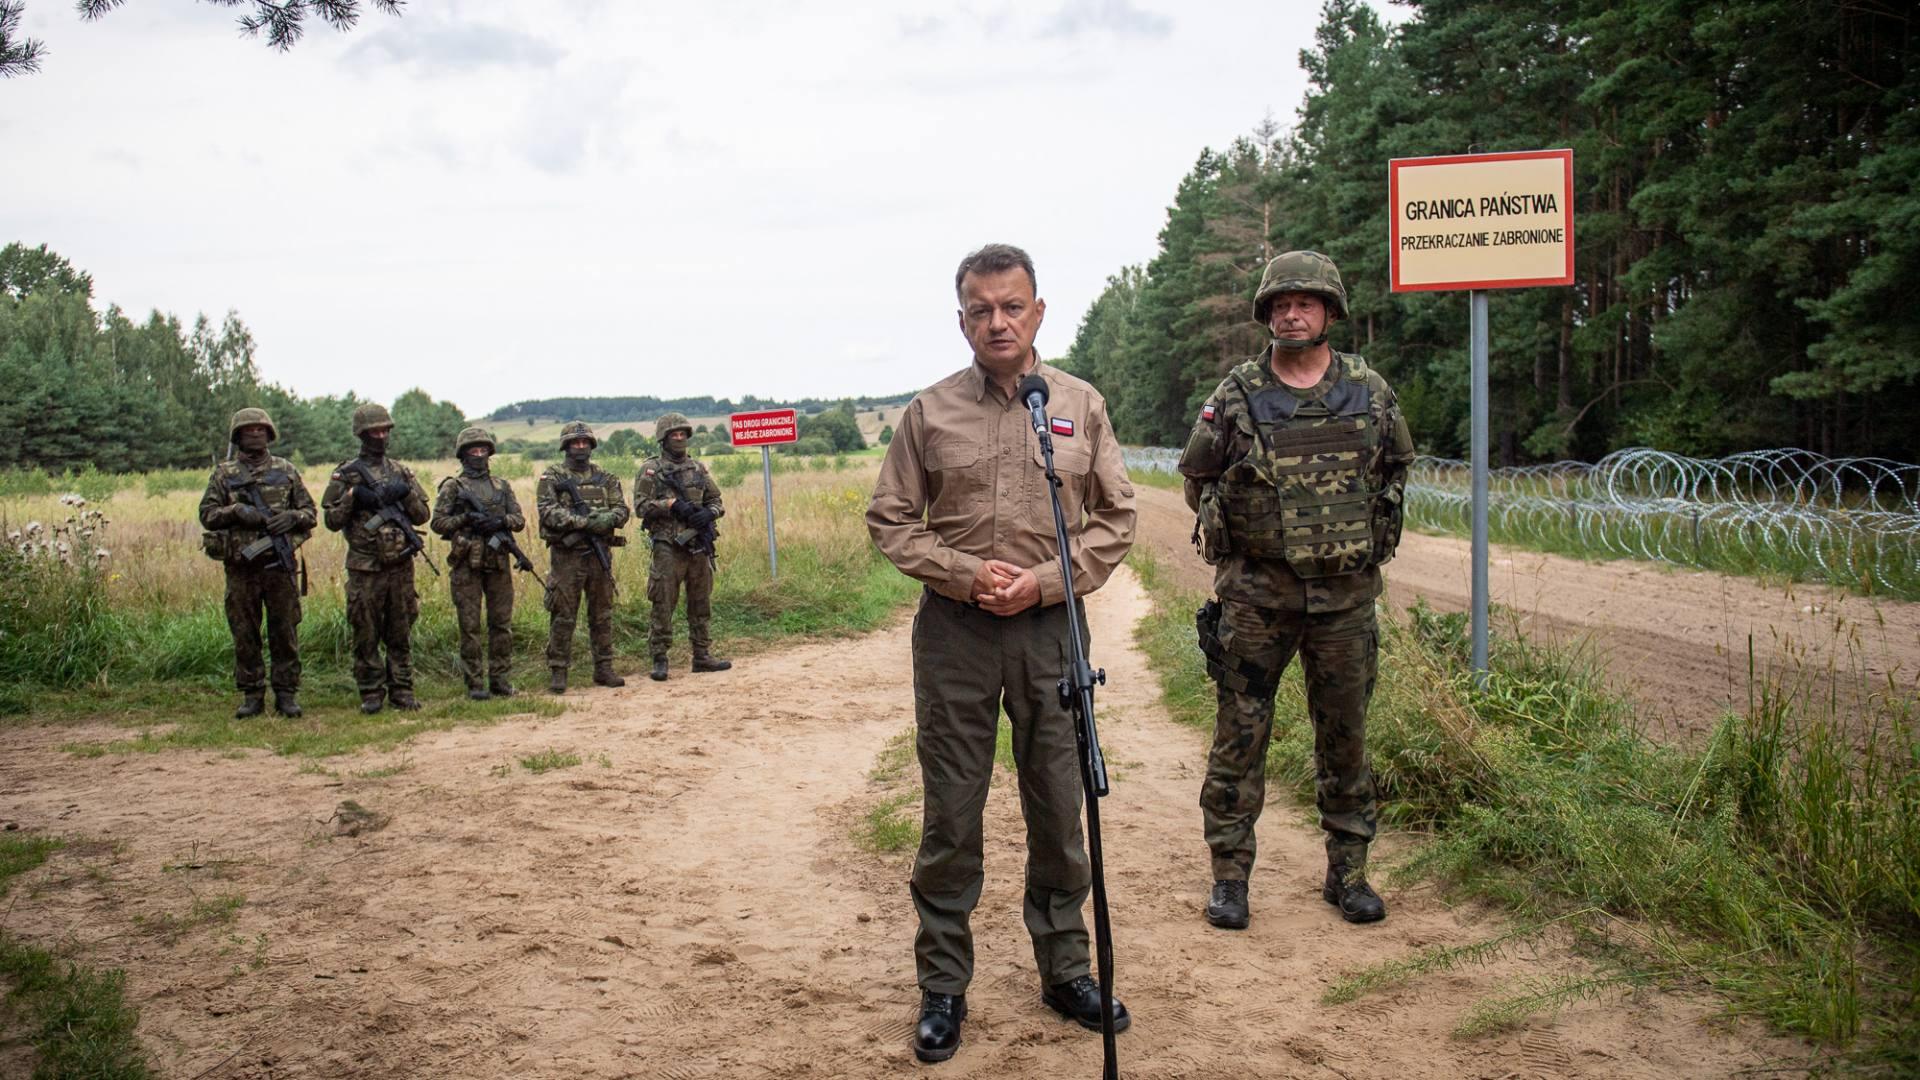 6538a5a2 9171 44c6 af69 940a1595ca85 Stan wyjątkowy w miejscowościach przygranicznych na terenie woj. lubelskiego